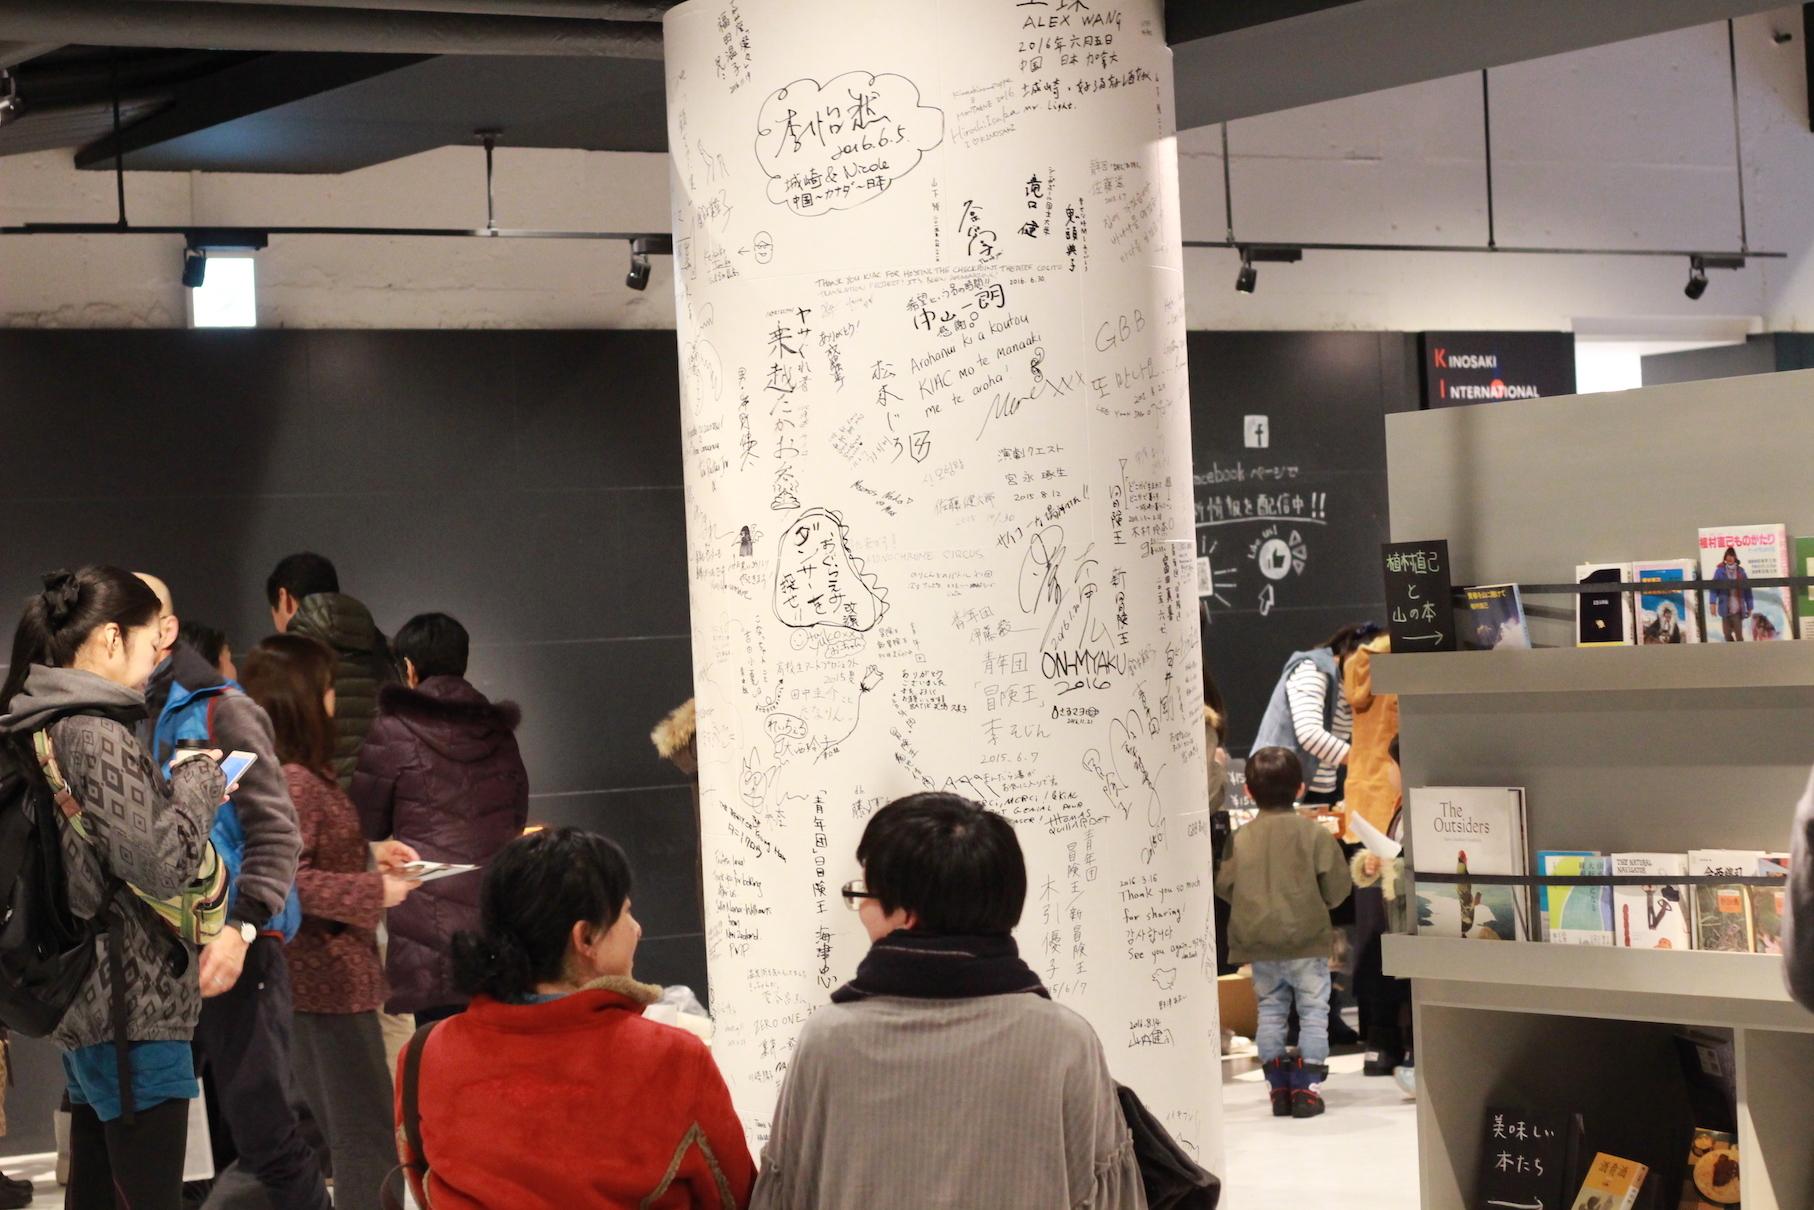 城崎国際アートセンターのロビーの風景